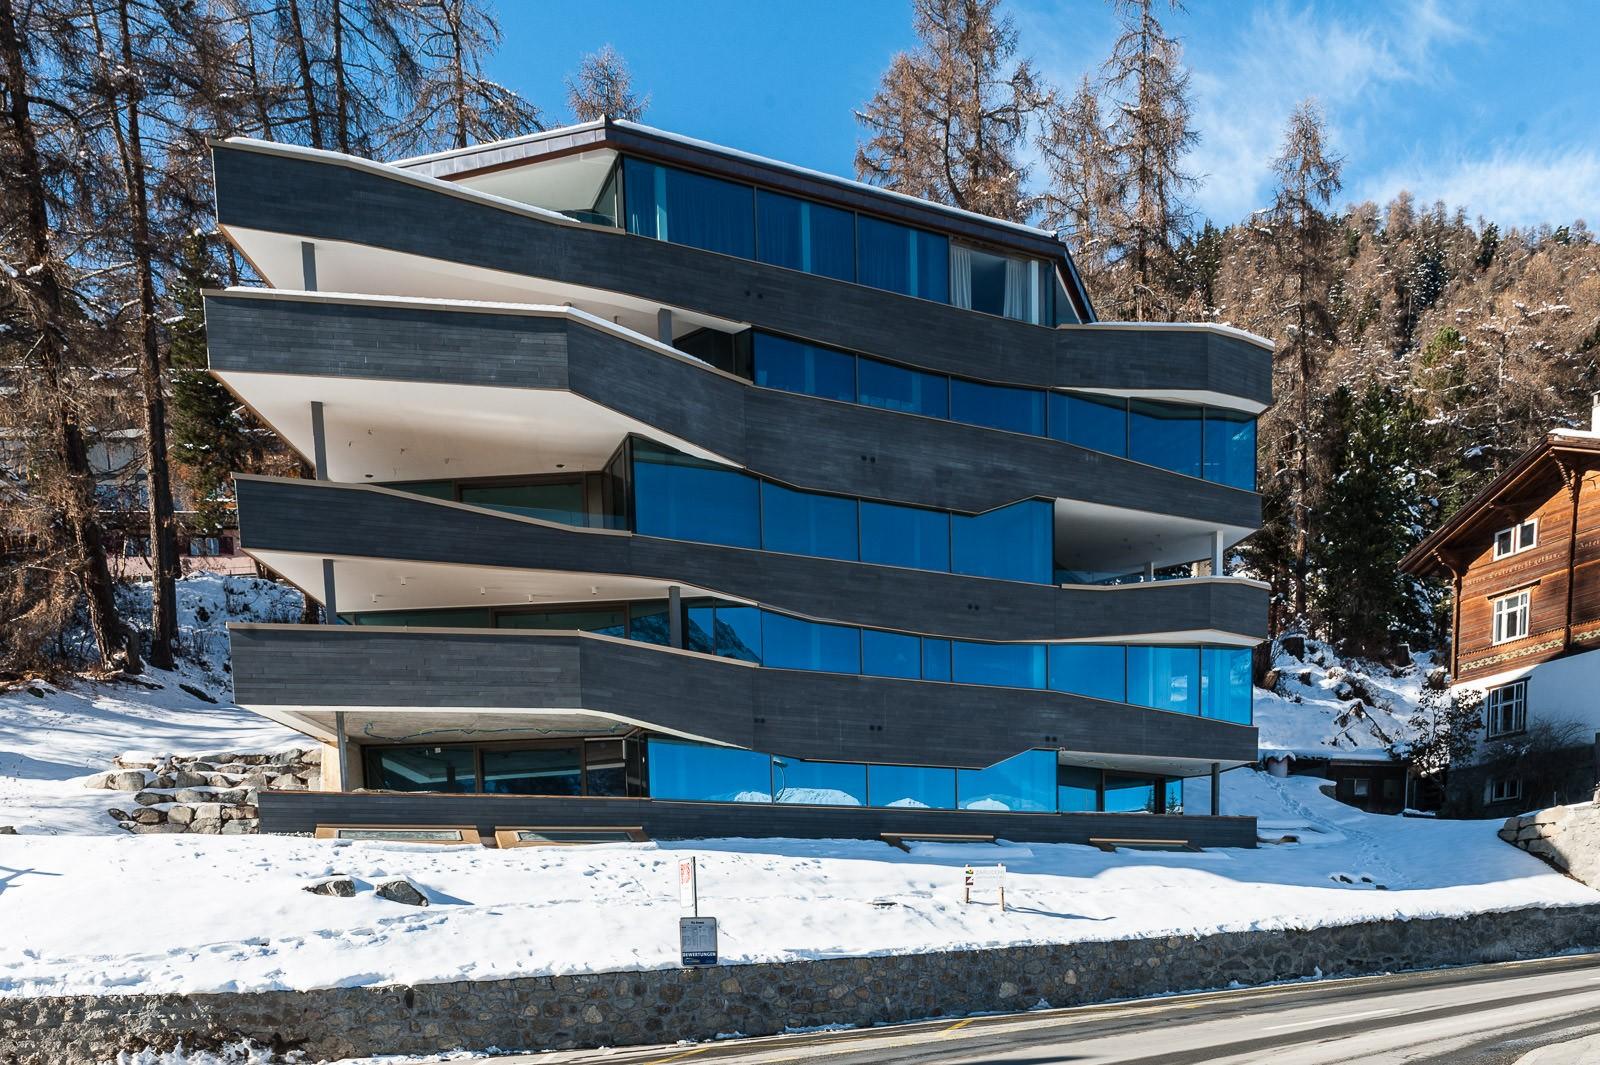 Servizio fotografico per CCTMOBILI, Saint Moritz – Wild photoshooting